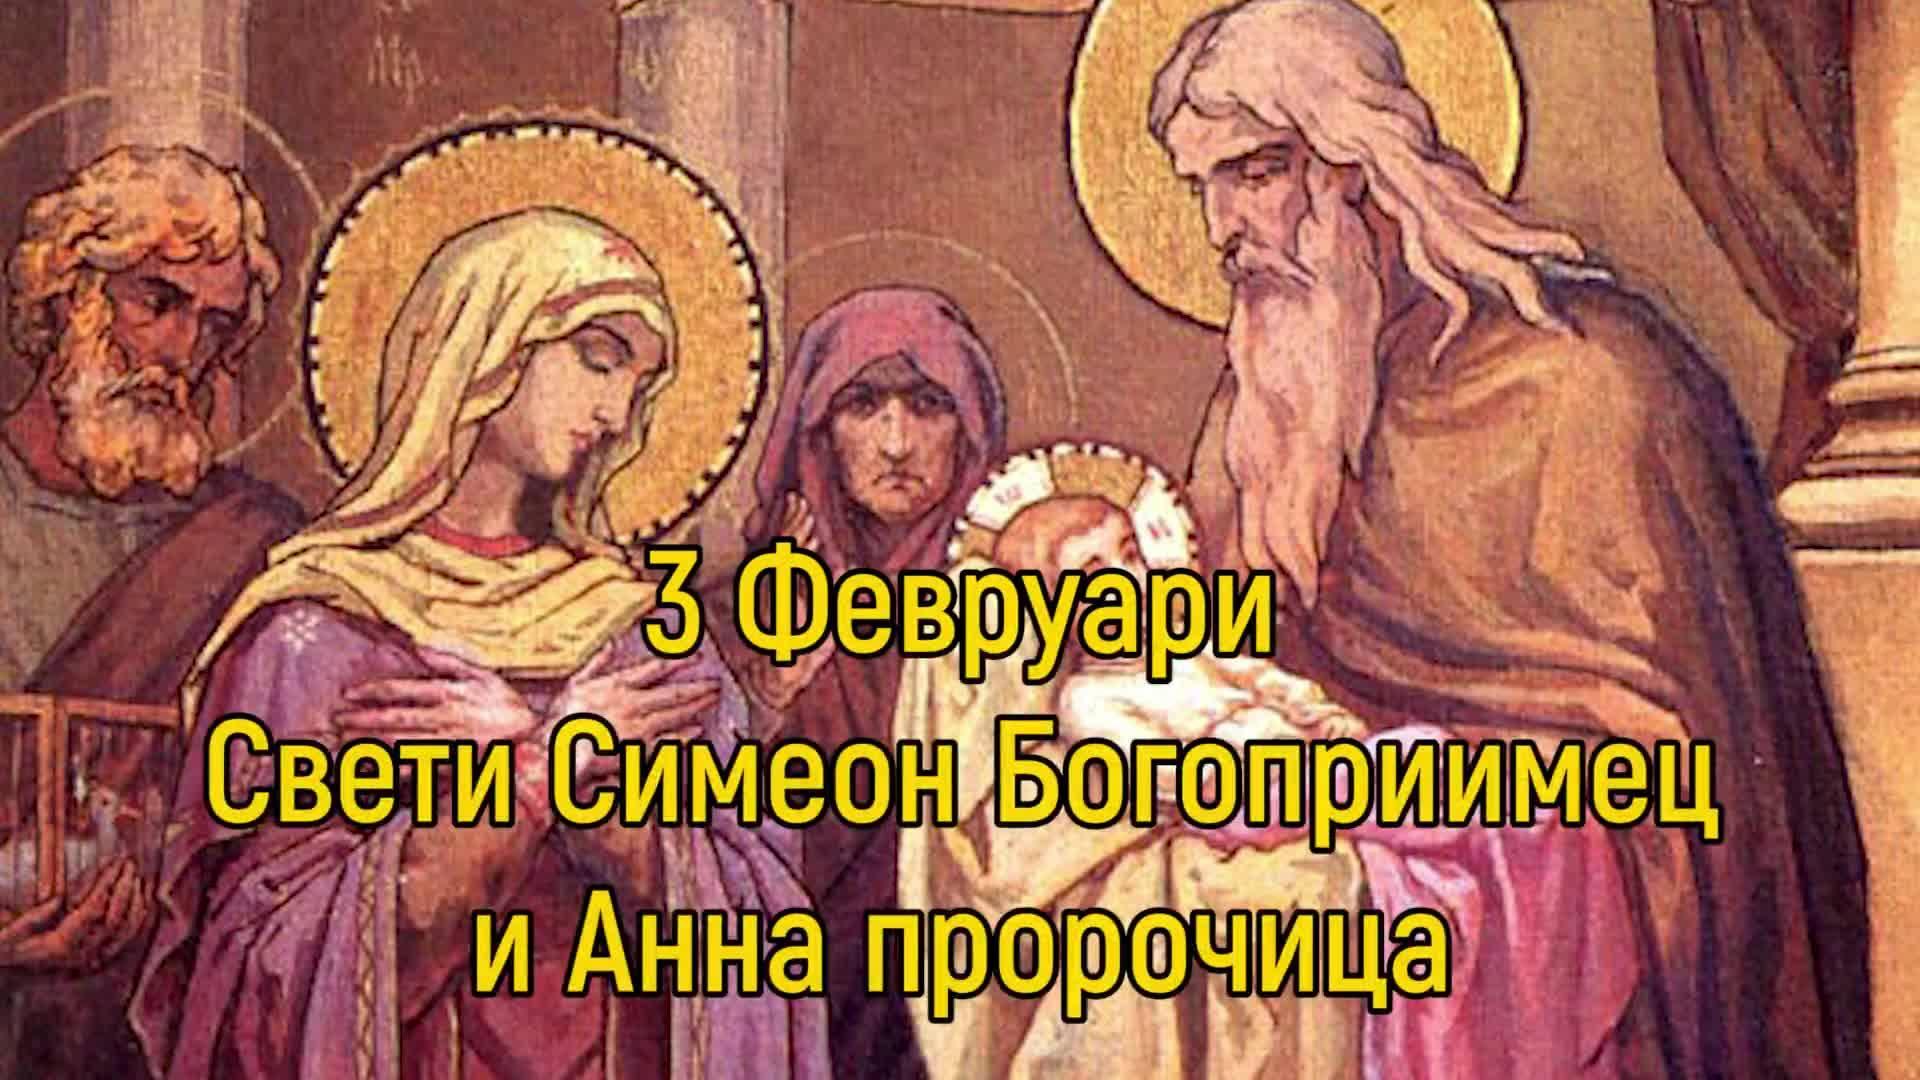 3 Февруари - Свети Симеон Богоприимец и Анна пророчица